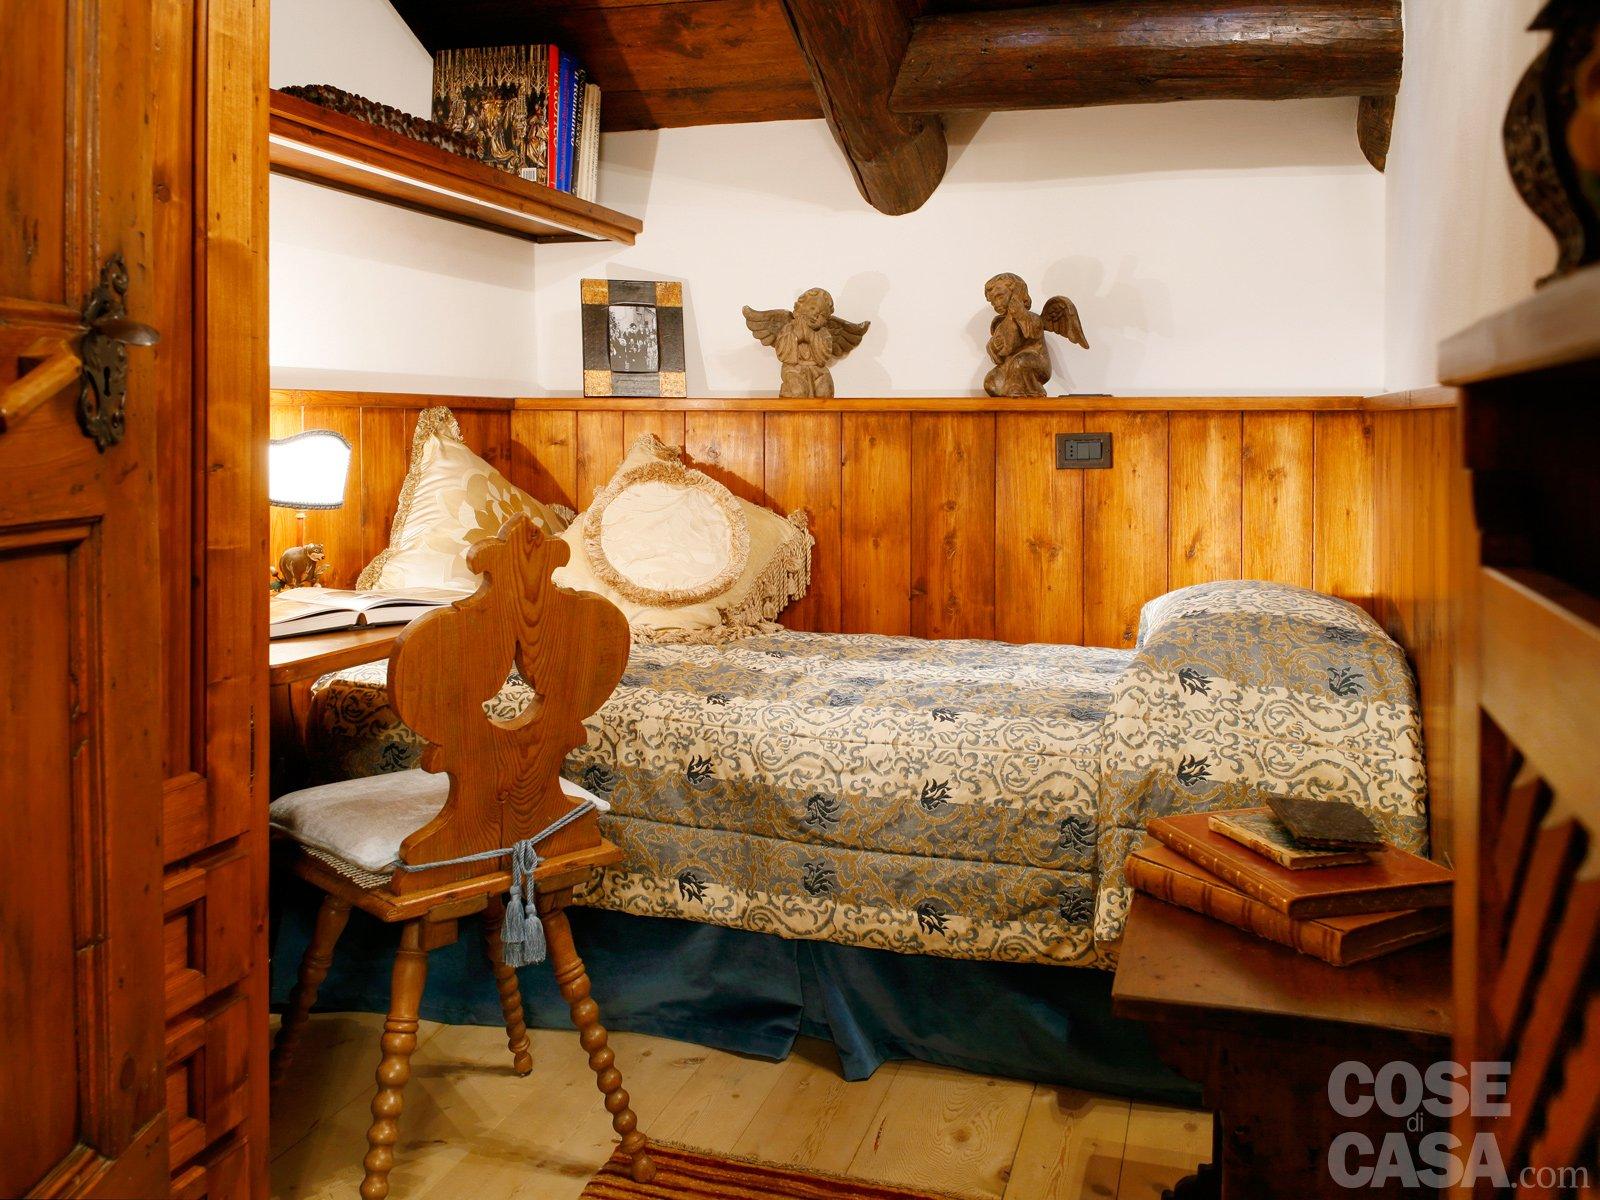 Mansarda tutta legno nuova vita per la casa di montagna - Coibentare casa dall interno ...